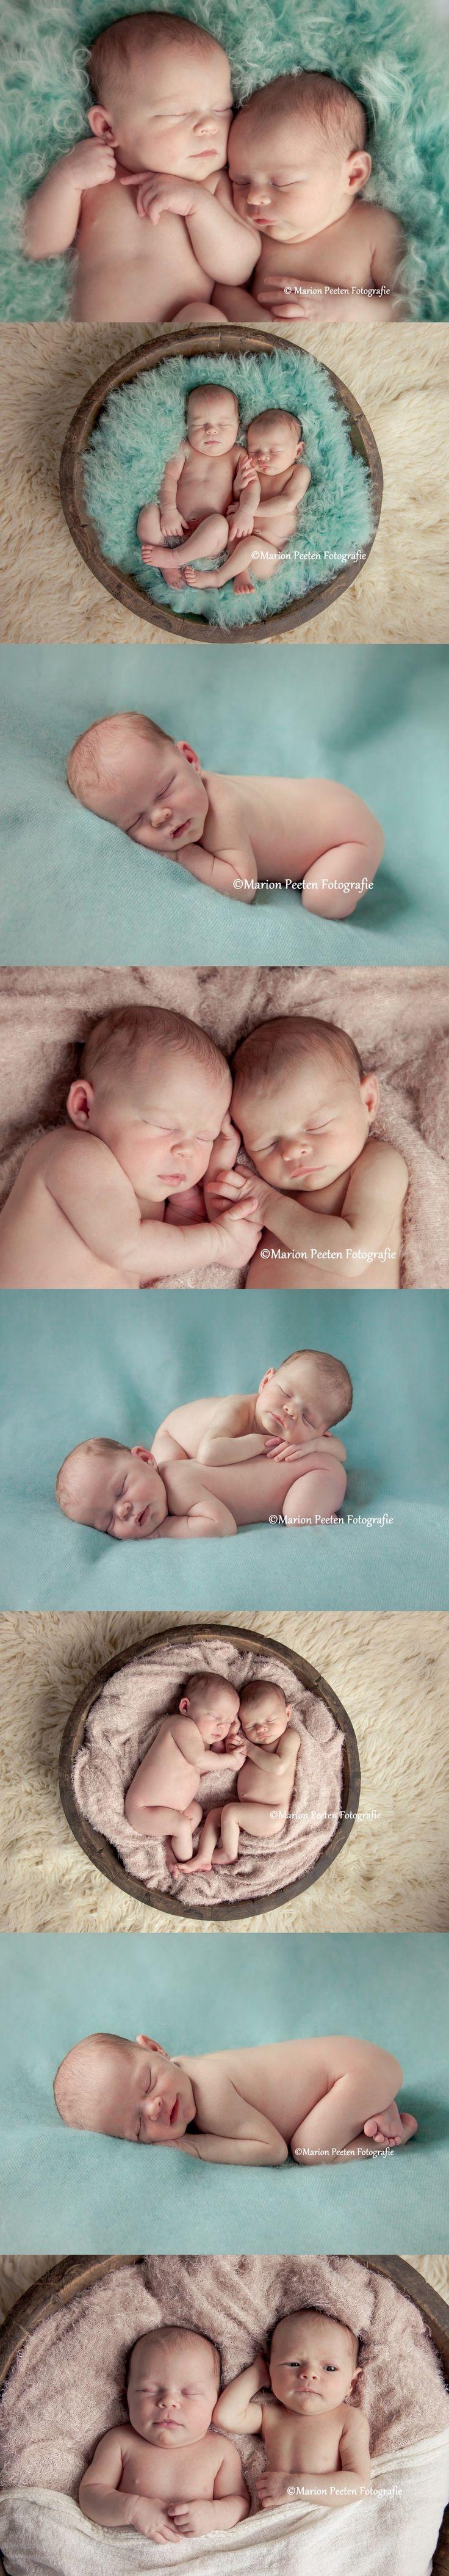 Newborn twins by Marion Peeten Fotografie# pasgeboren tweeling#studio…